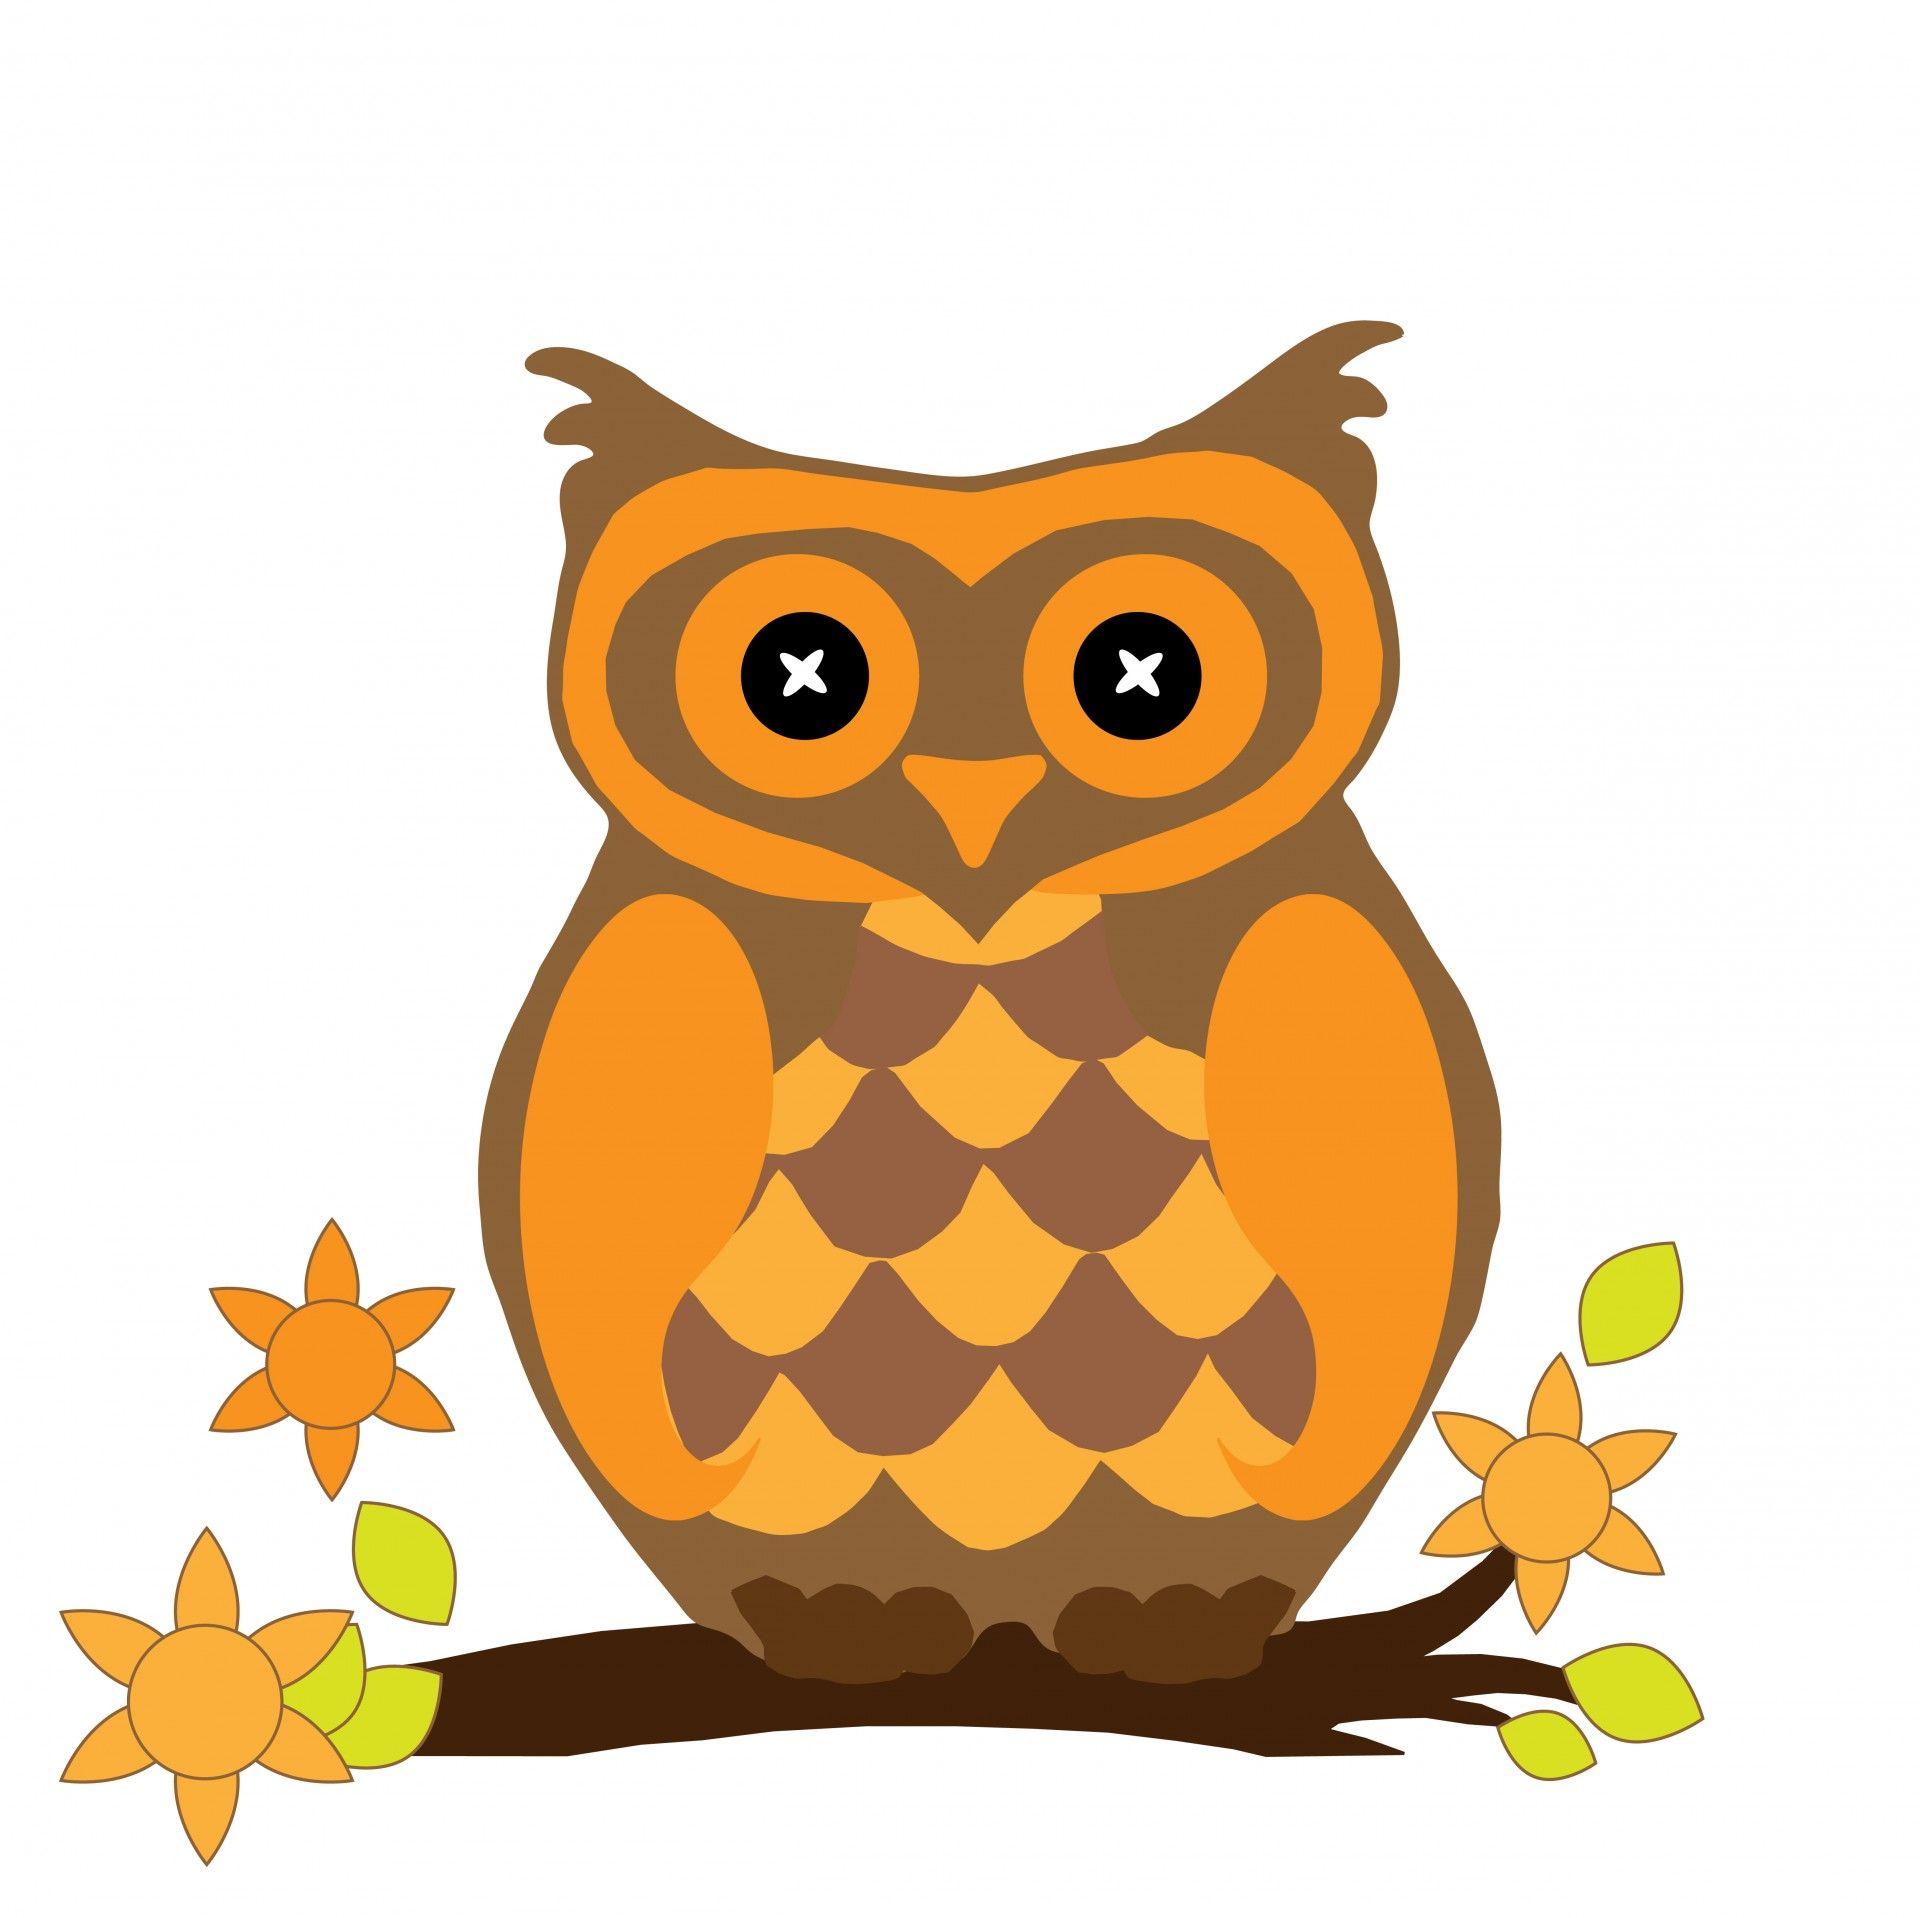 Clipart owl september. For whatsapp